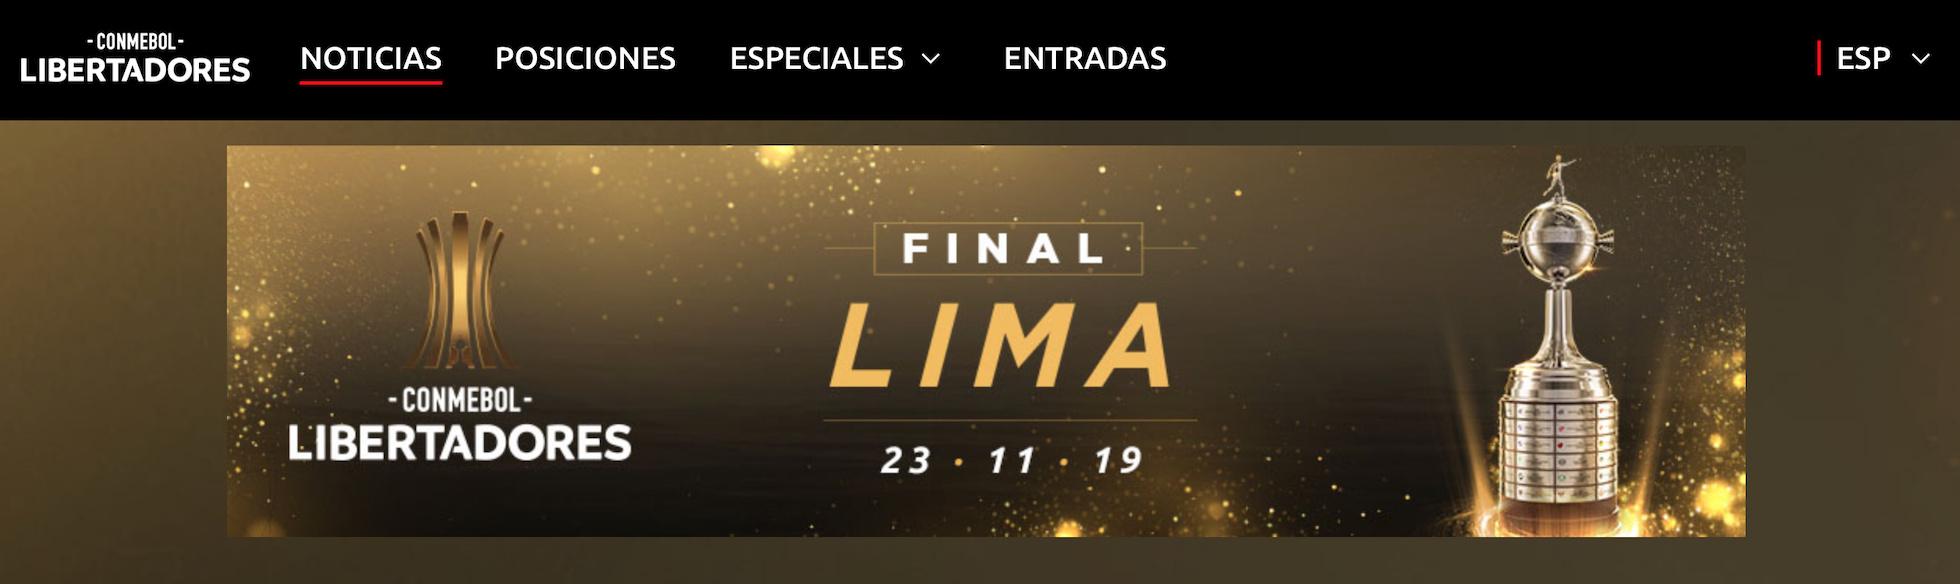 conmebol-libertadores-2019-final